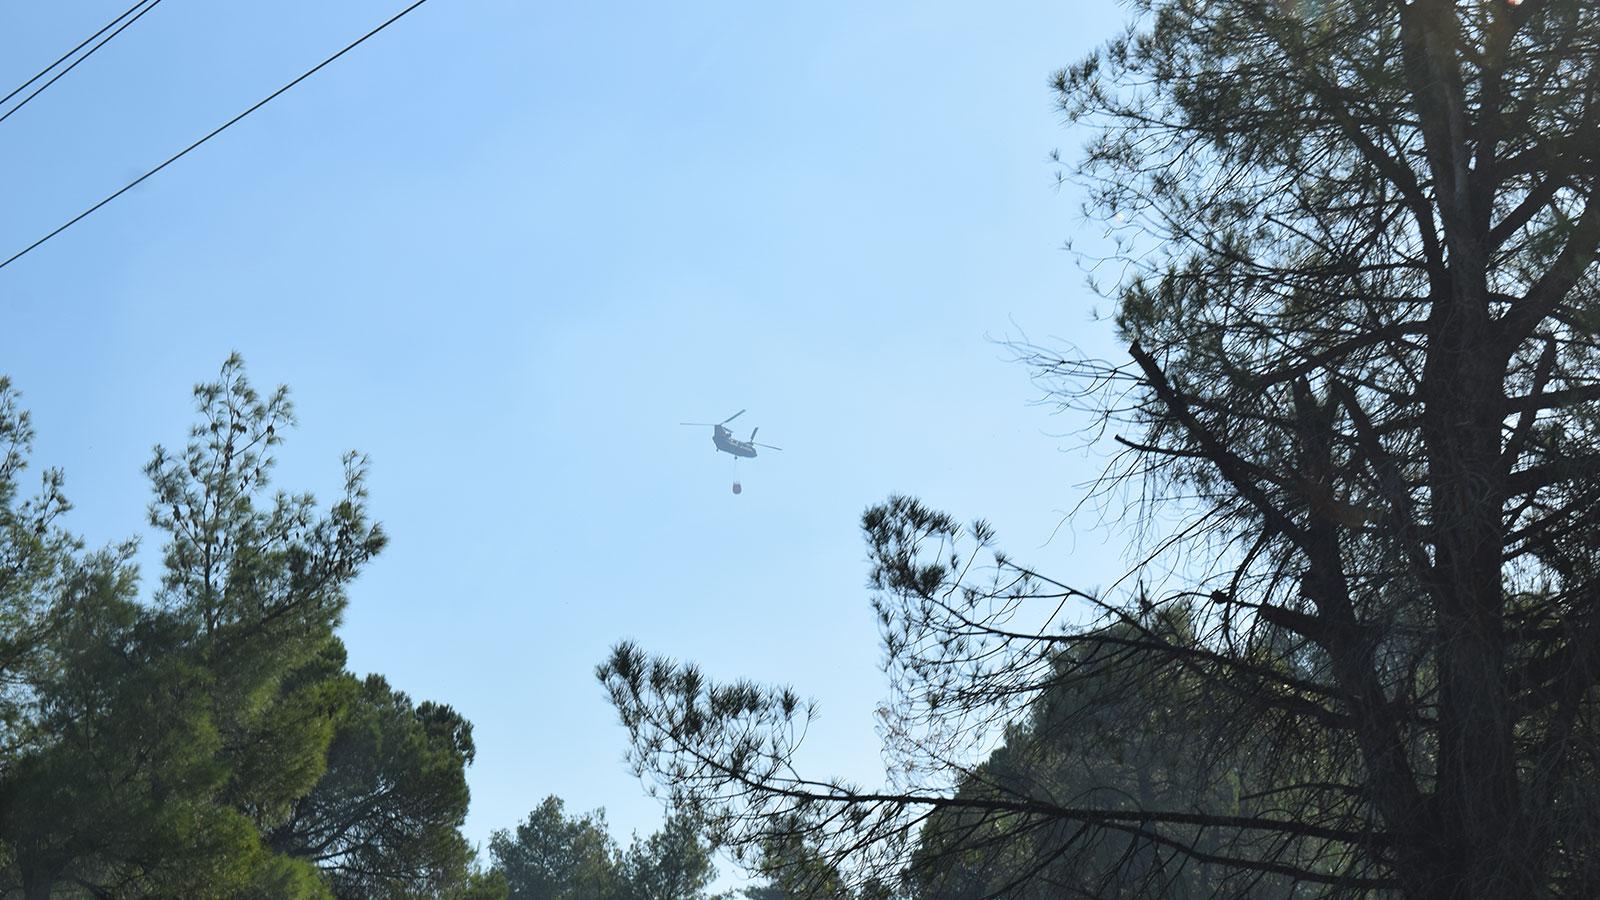 Πυρκαγιά στην Σιθωνία - Περιοδεία ΚΚΕ